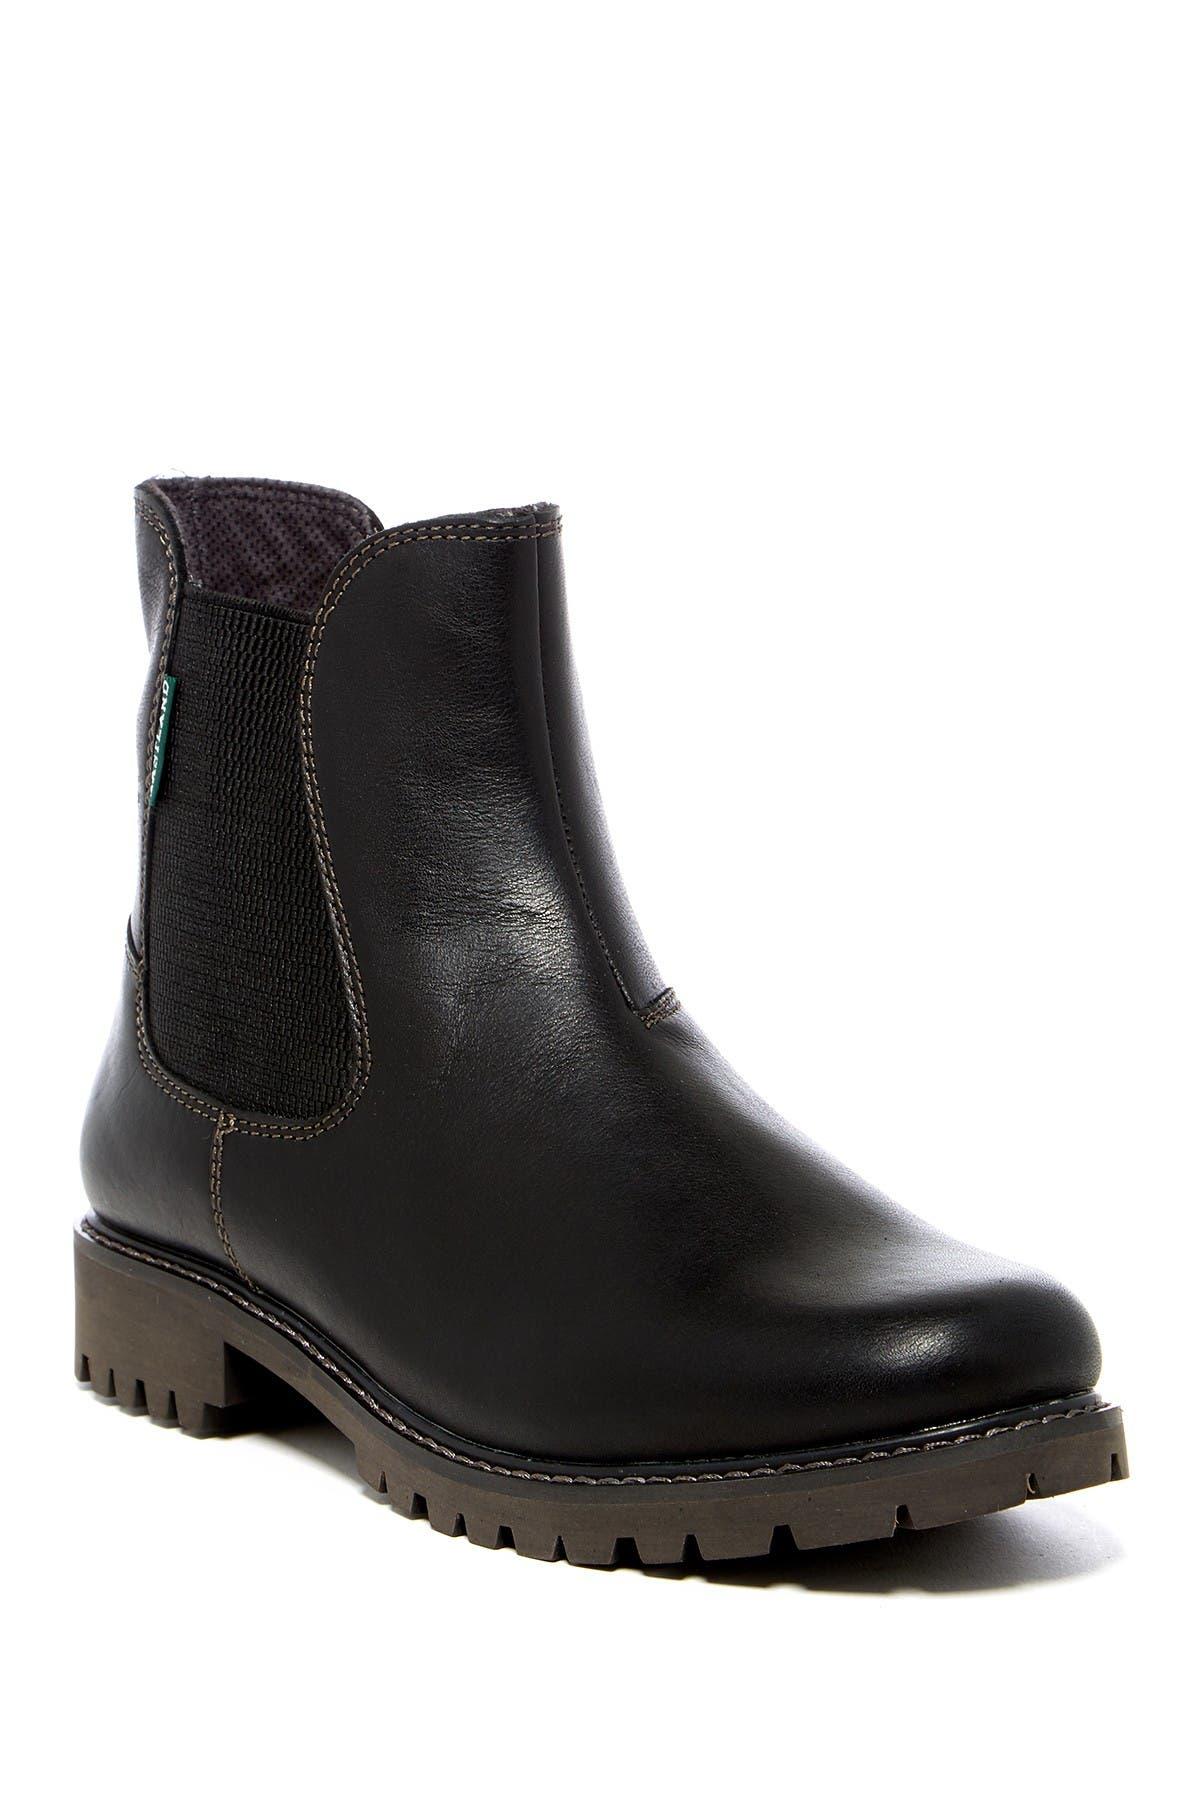 Image of Eastland Ida Chelsea Boot